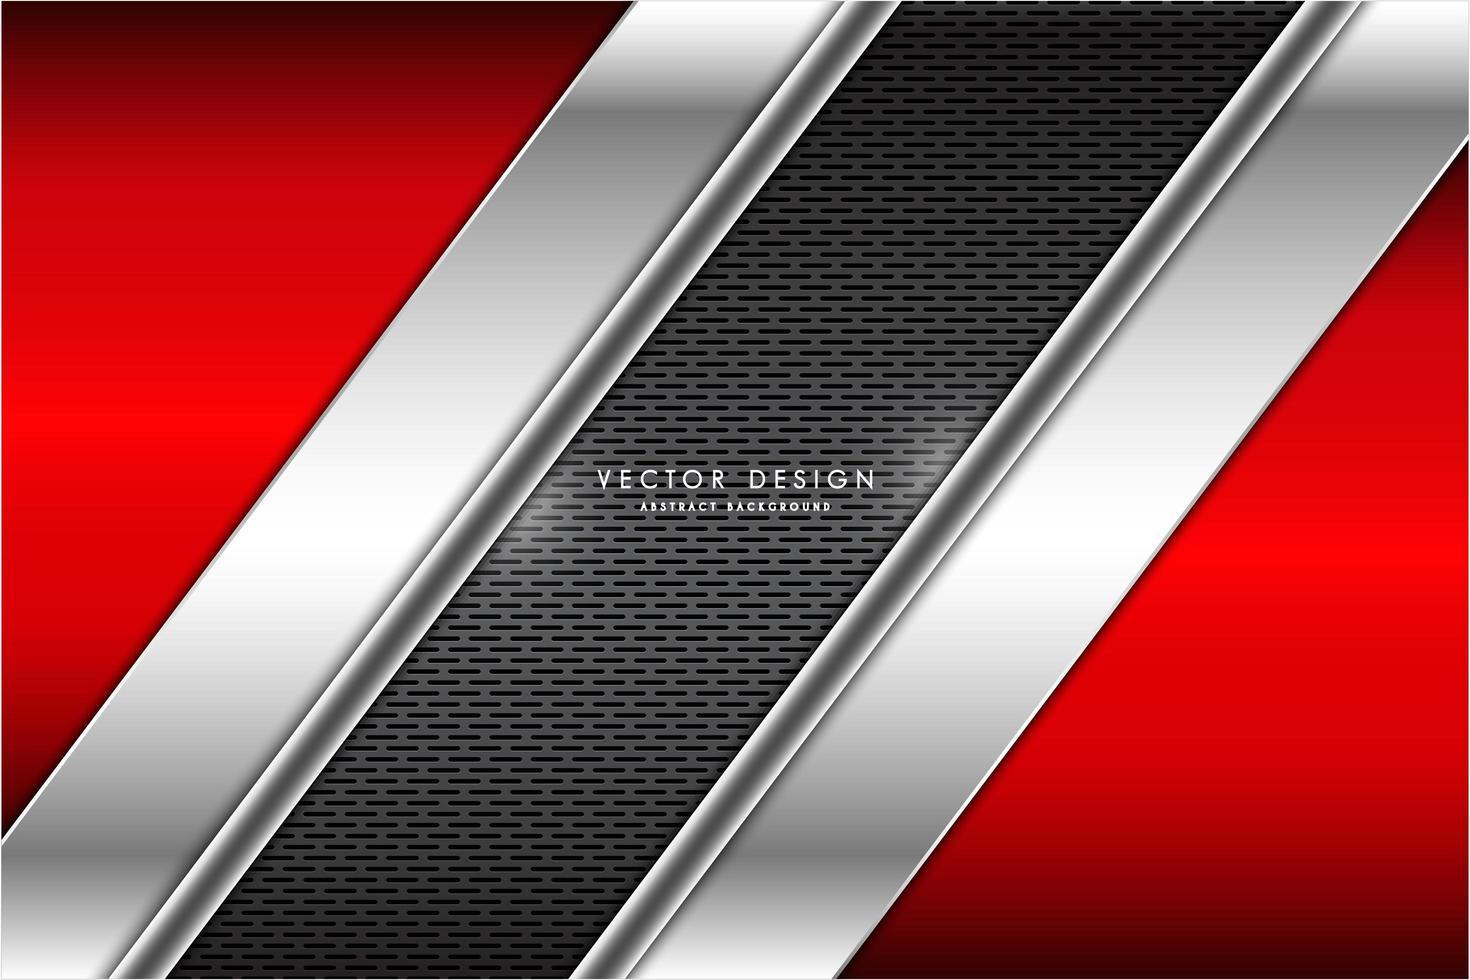 pannelli metallici ad angolo rosso e argento su struttura a griglia vettore